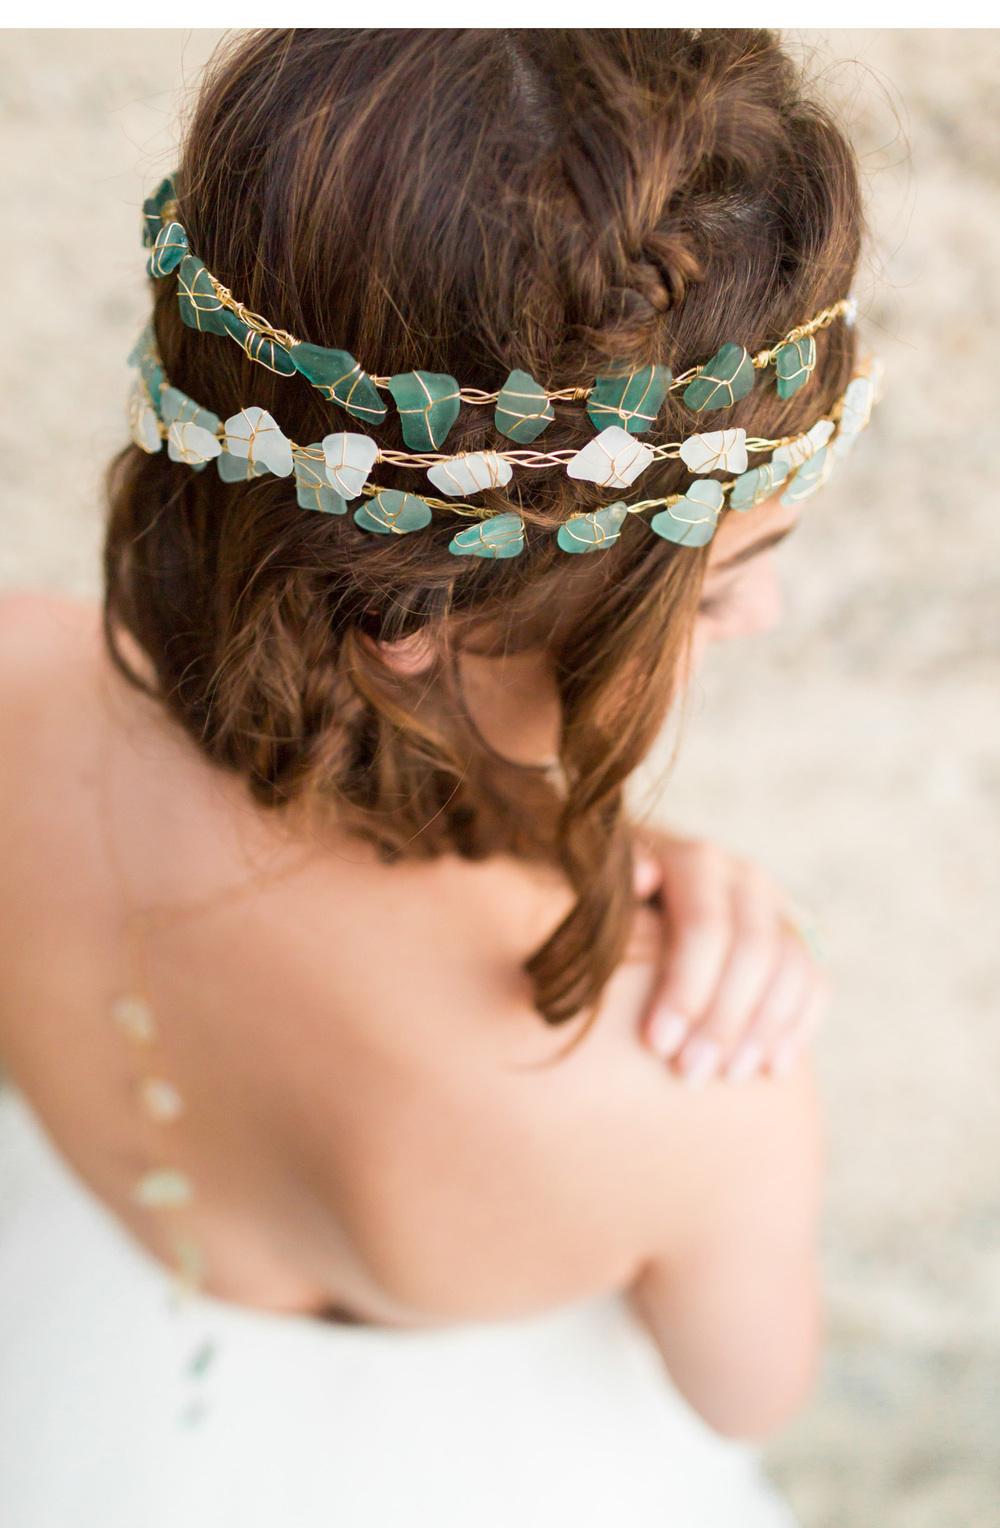 SeaglassBridalCrown---Natalie-Schutt-Photography_03.jpg